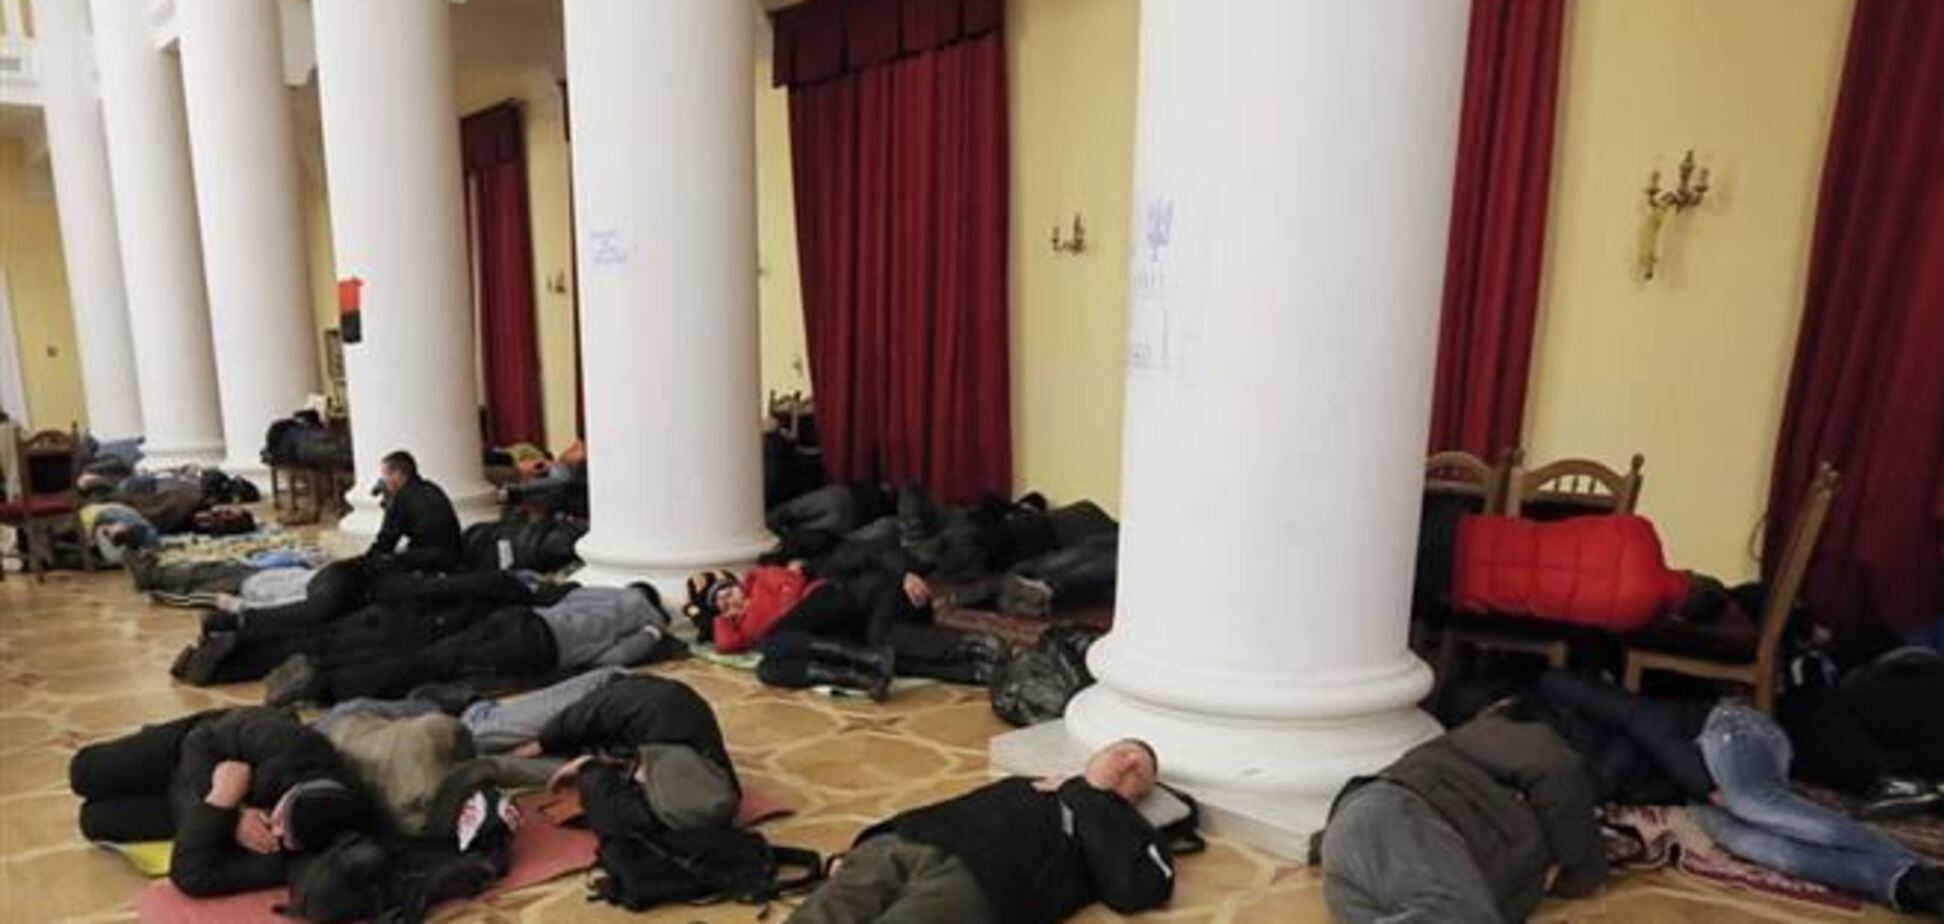 Здание КГГА уже продезинфицировали - СЭС